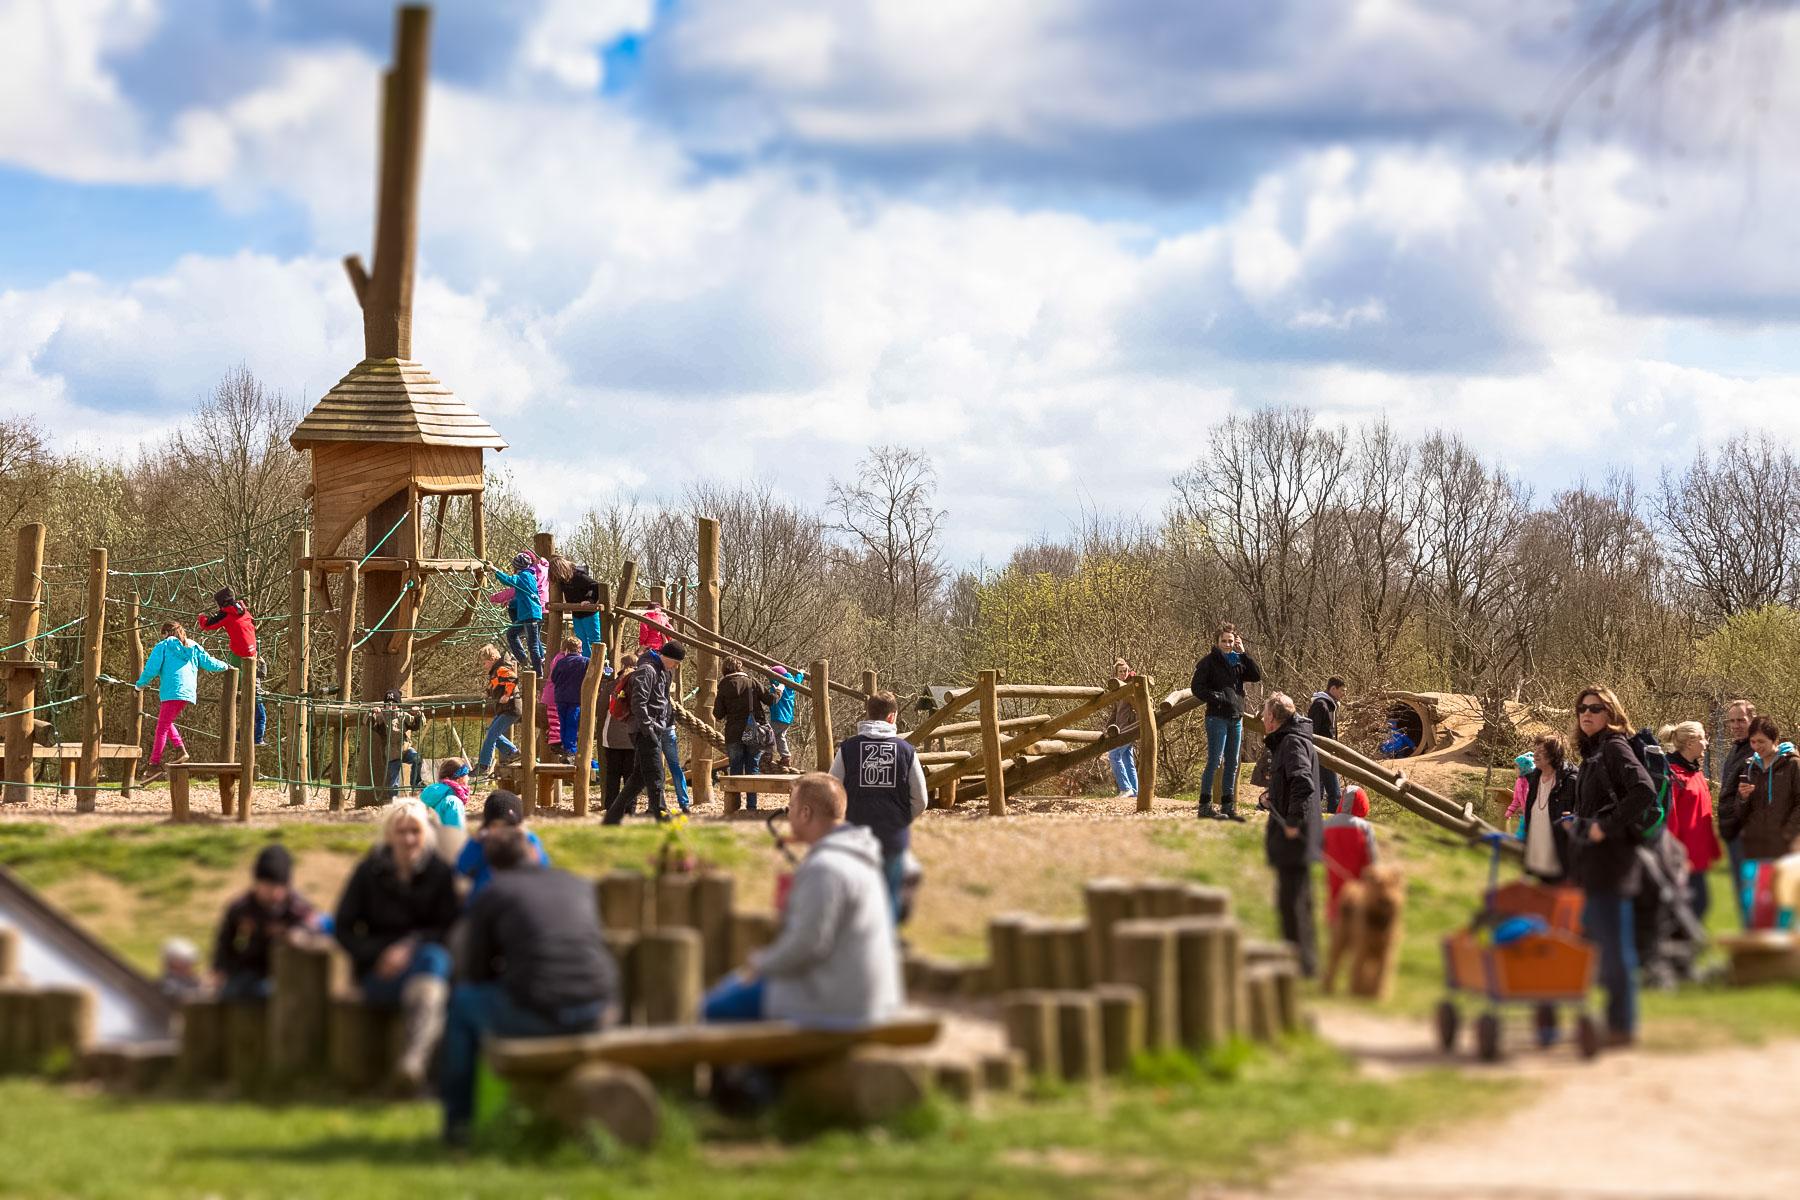 Gebaut wie gewachsen – neuen Holzspielgeräten im Erlebniswald Trappenkamp ist ihre Herkunft direkt anzusehen. Neben neuen Spielgeräten gibt es jetzt neue kleine Fußballplätze und ein Volleyballfeld